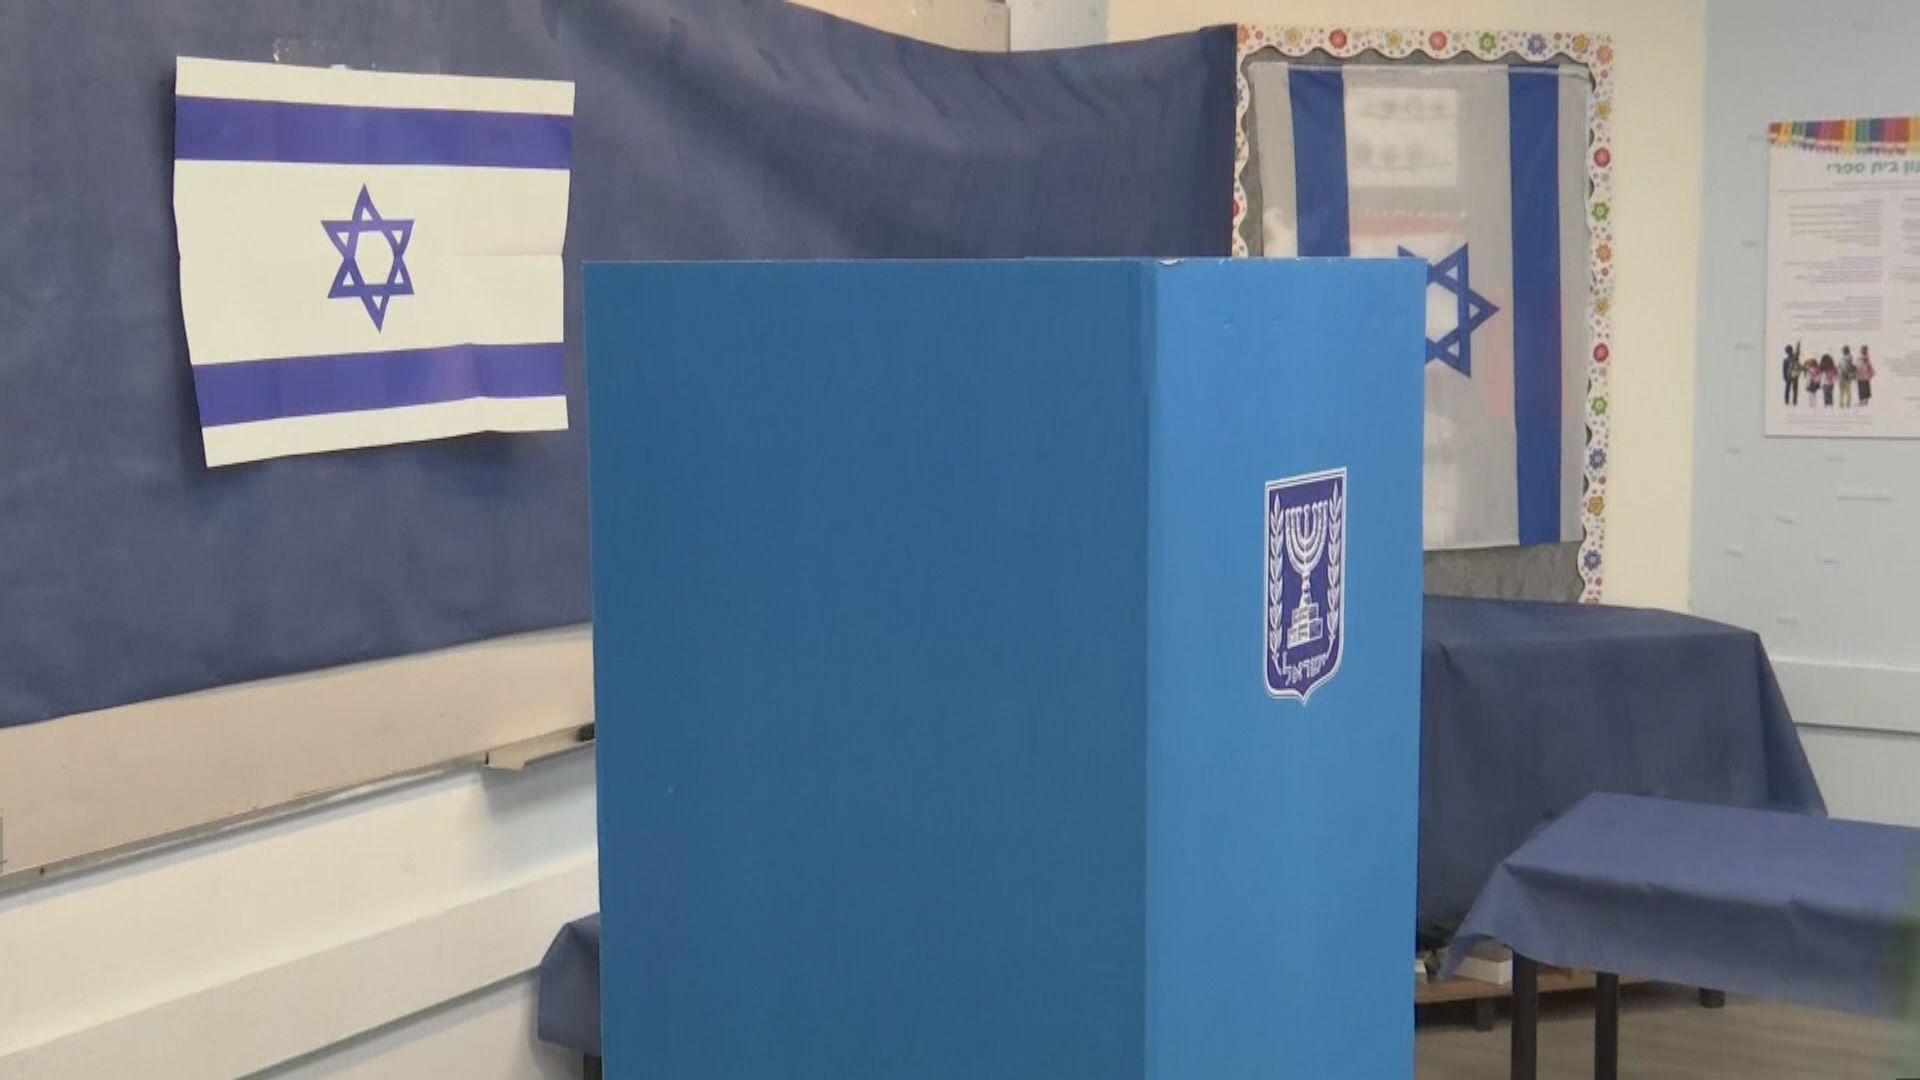 以色列一年內第二次舉行國會選舉